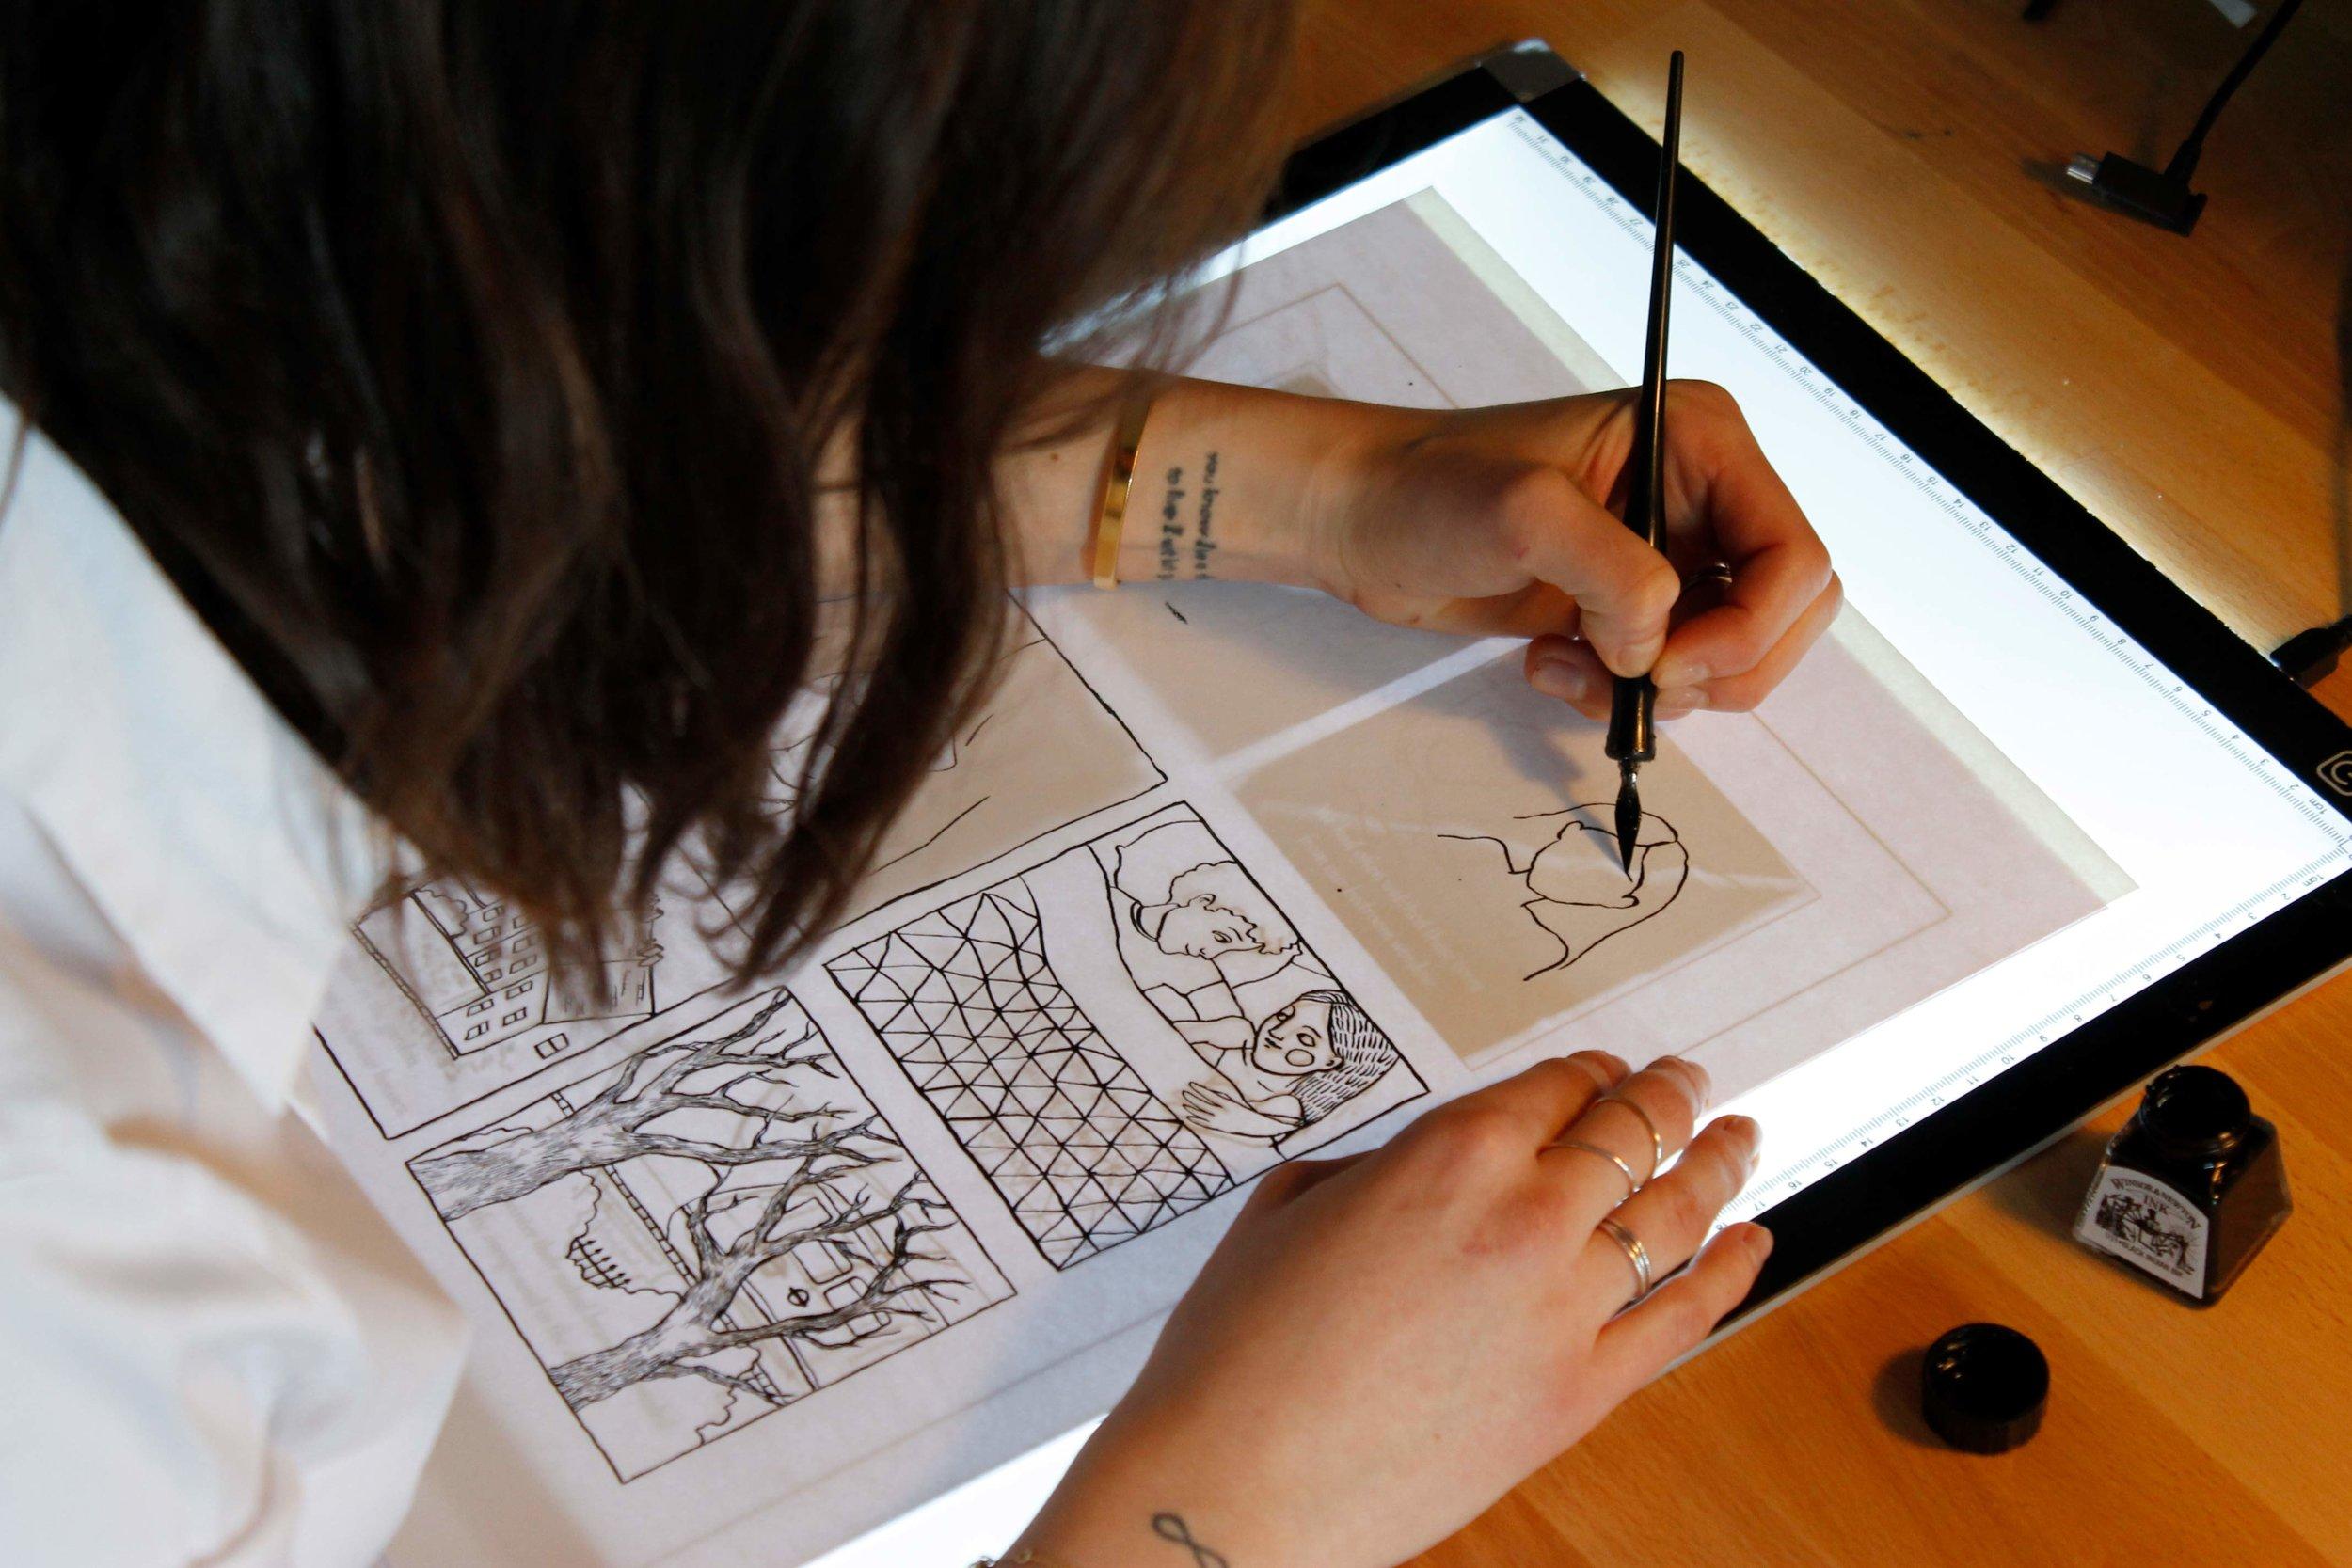 marie-de-beaucourt-blog-becoming-illustrator2.jpg